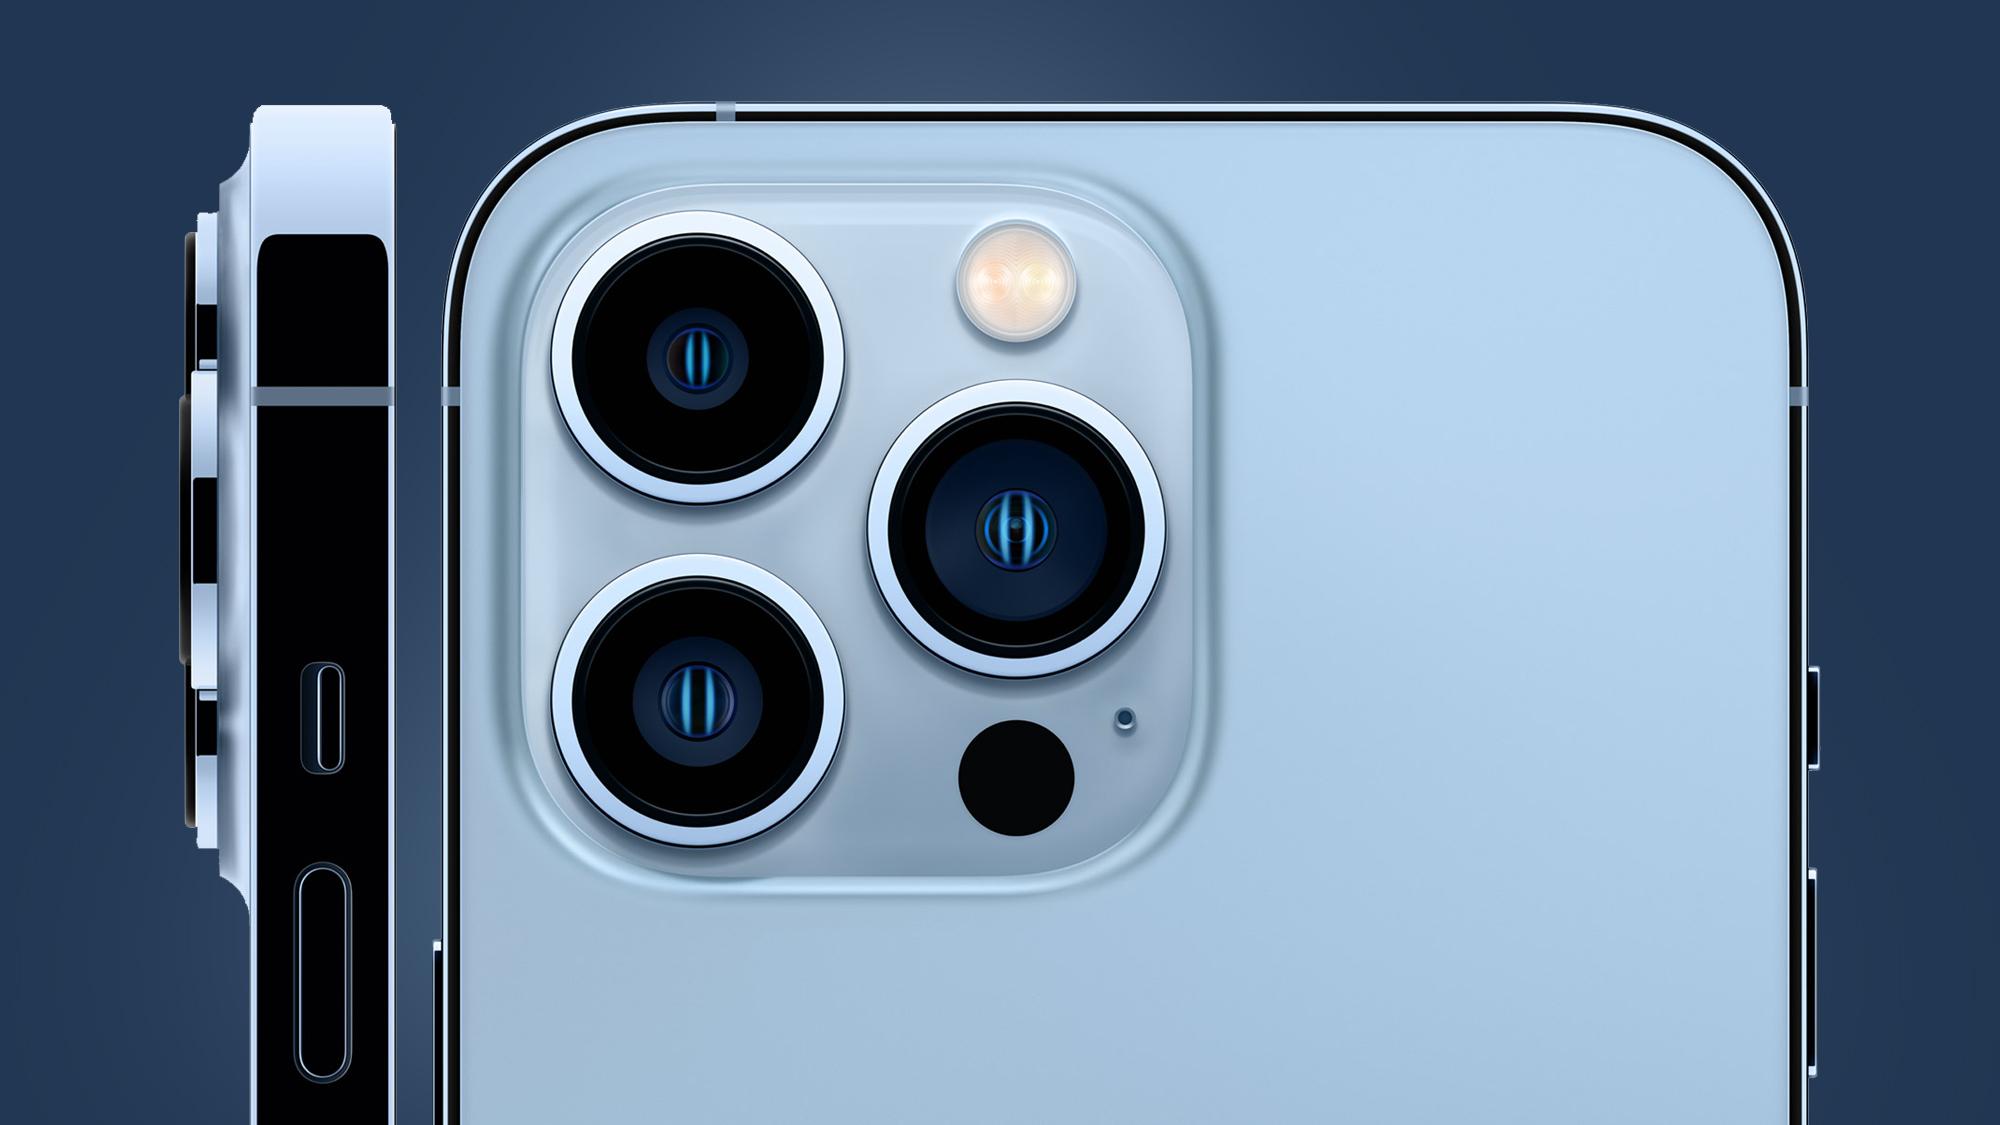 Szczegółowe informacje na temat modułów aparatu w iPhone 13 Pro Max